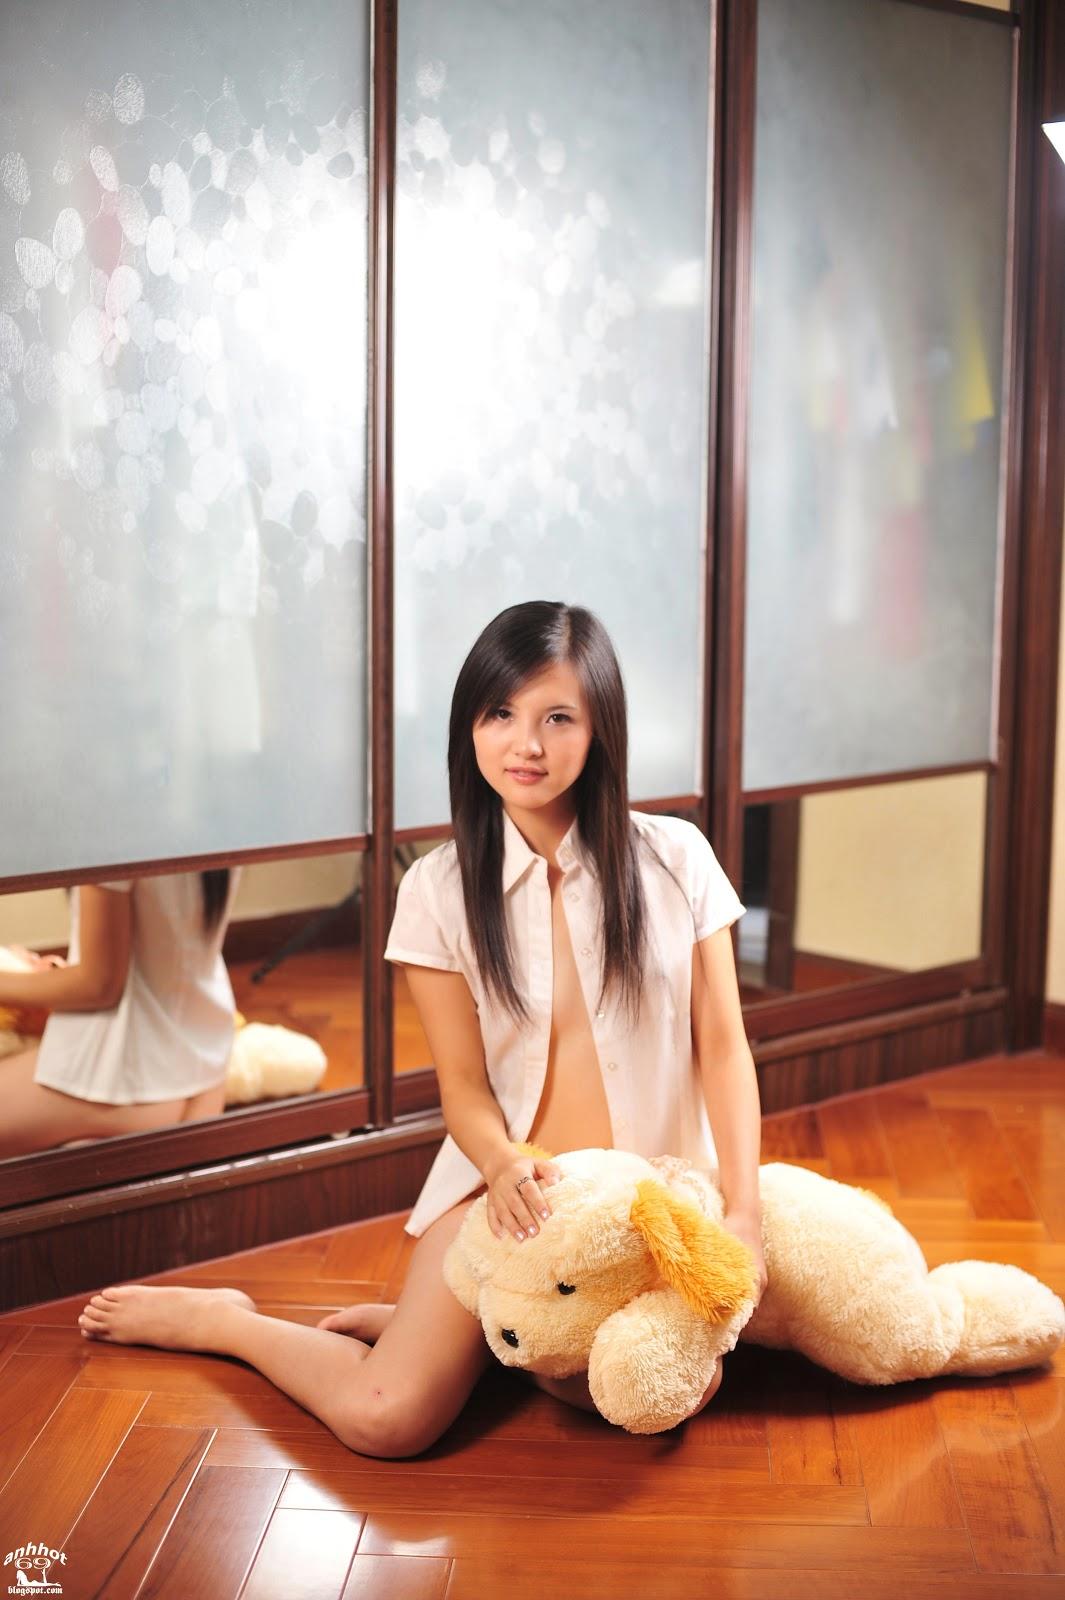 xiangxiang-amateur-01163906